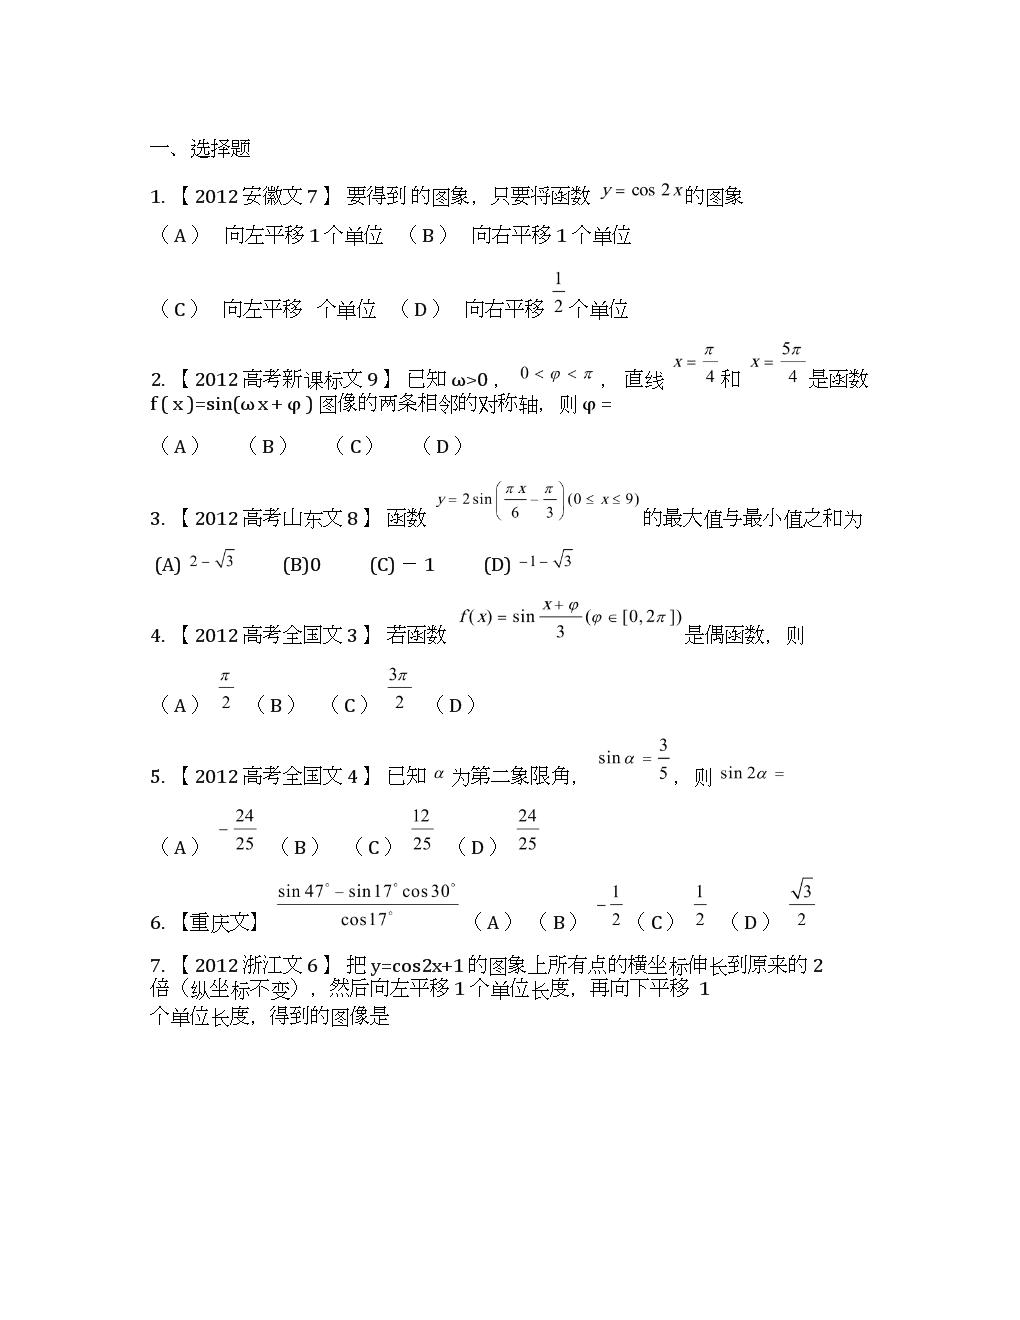 高三文科数学函数大题综合.docx